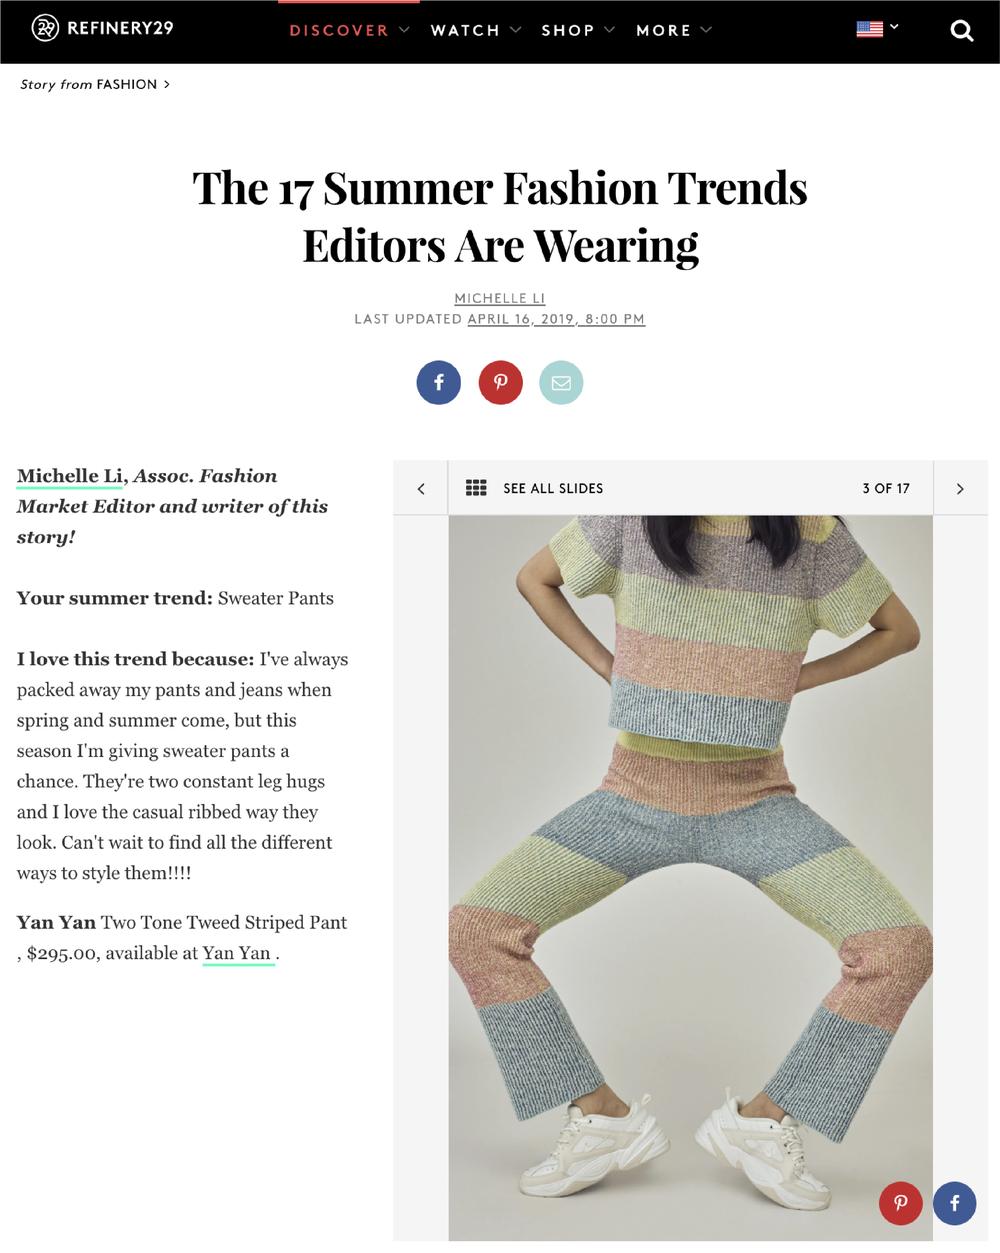 https://www.refinery29.com/en-us/2019/04/229249/summer-fashion-trends-2019#slide-3